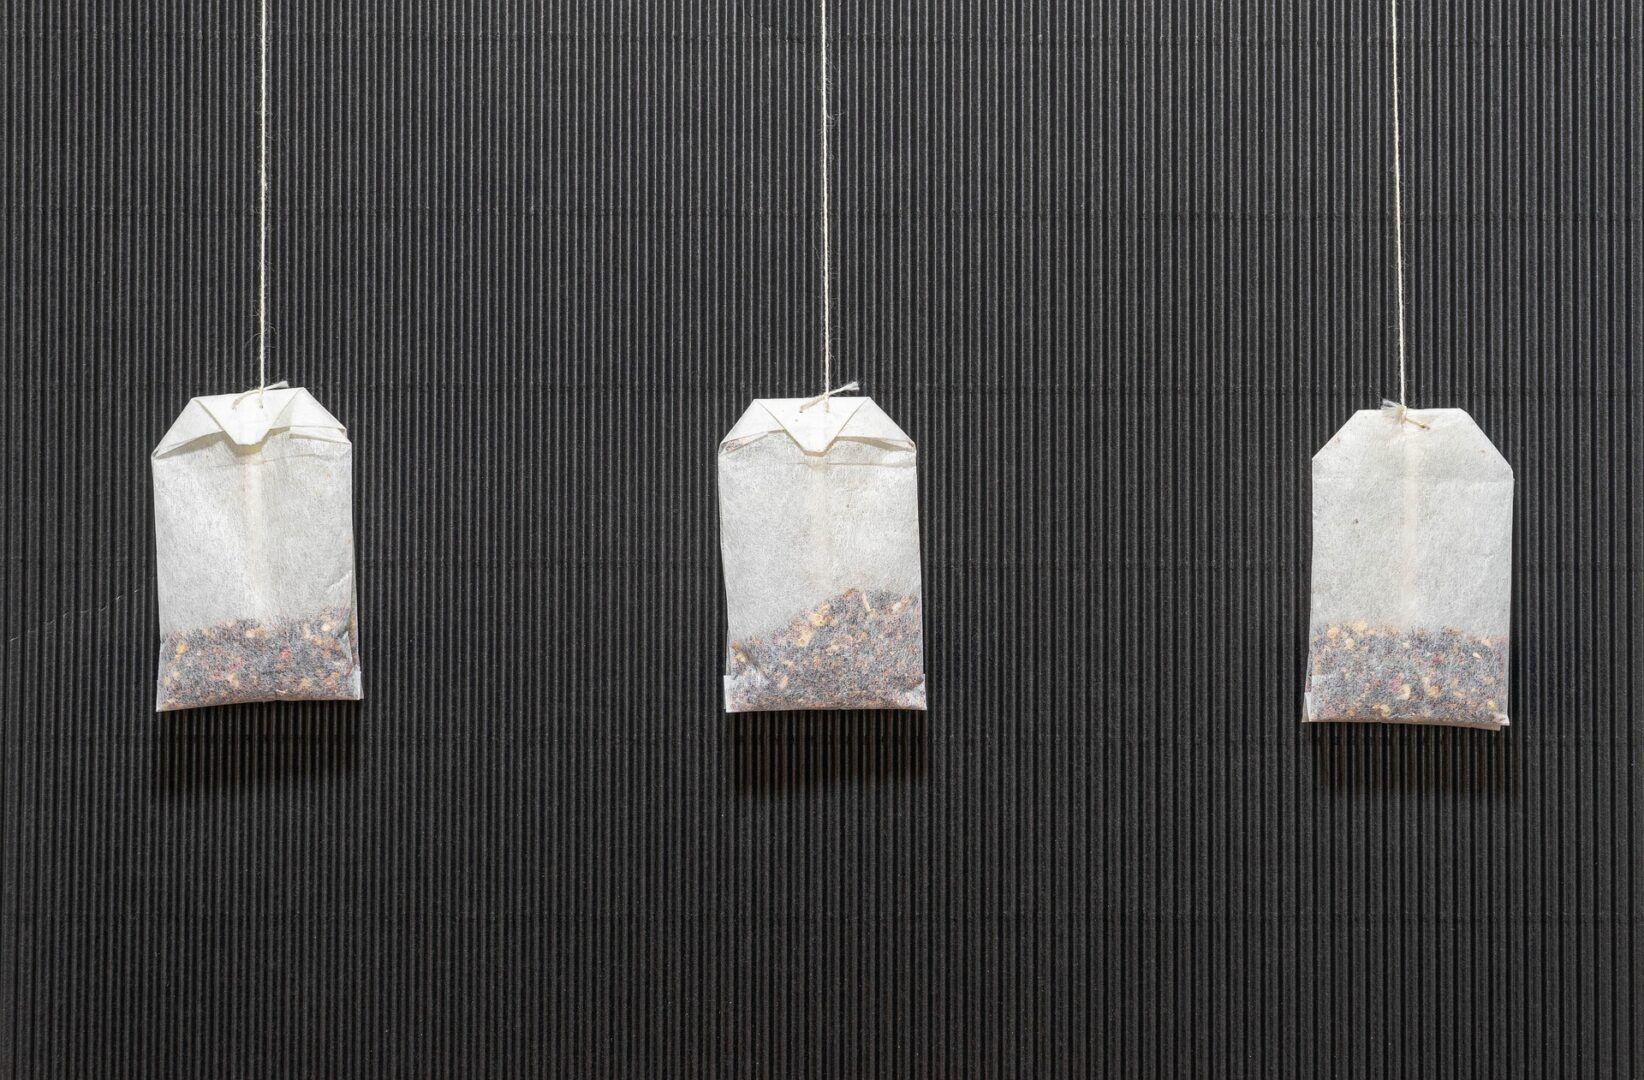 Gel de sílica, o que é? 18 usos curiosos para esse material